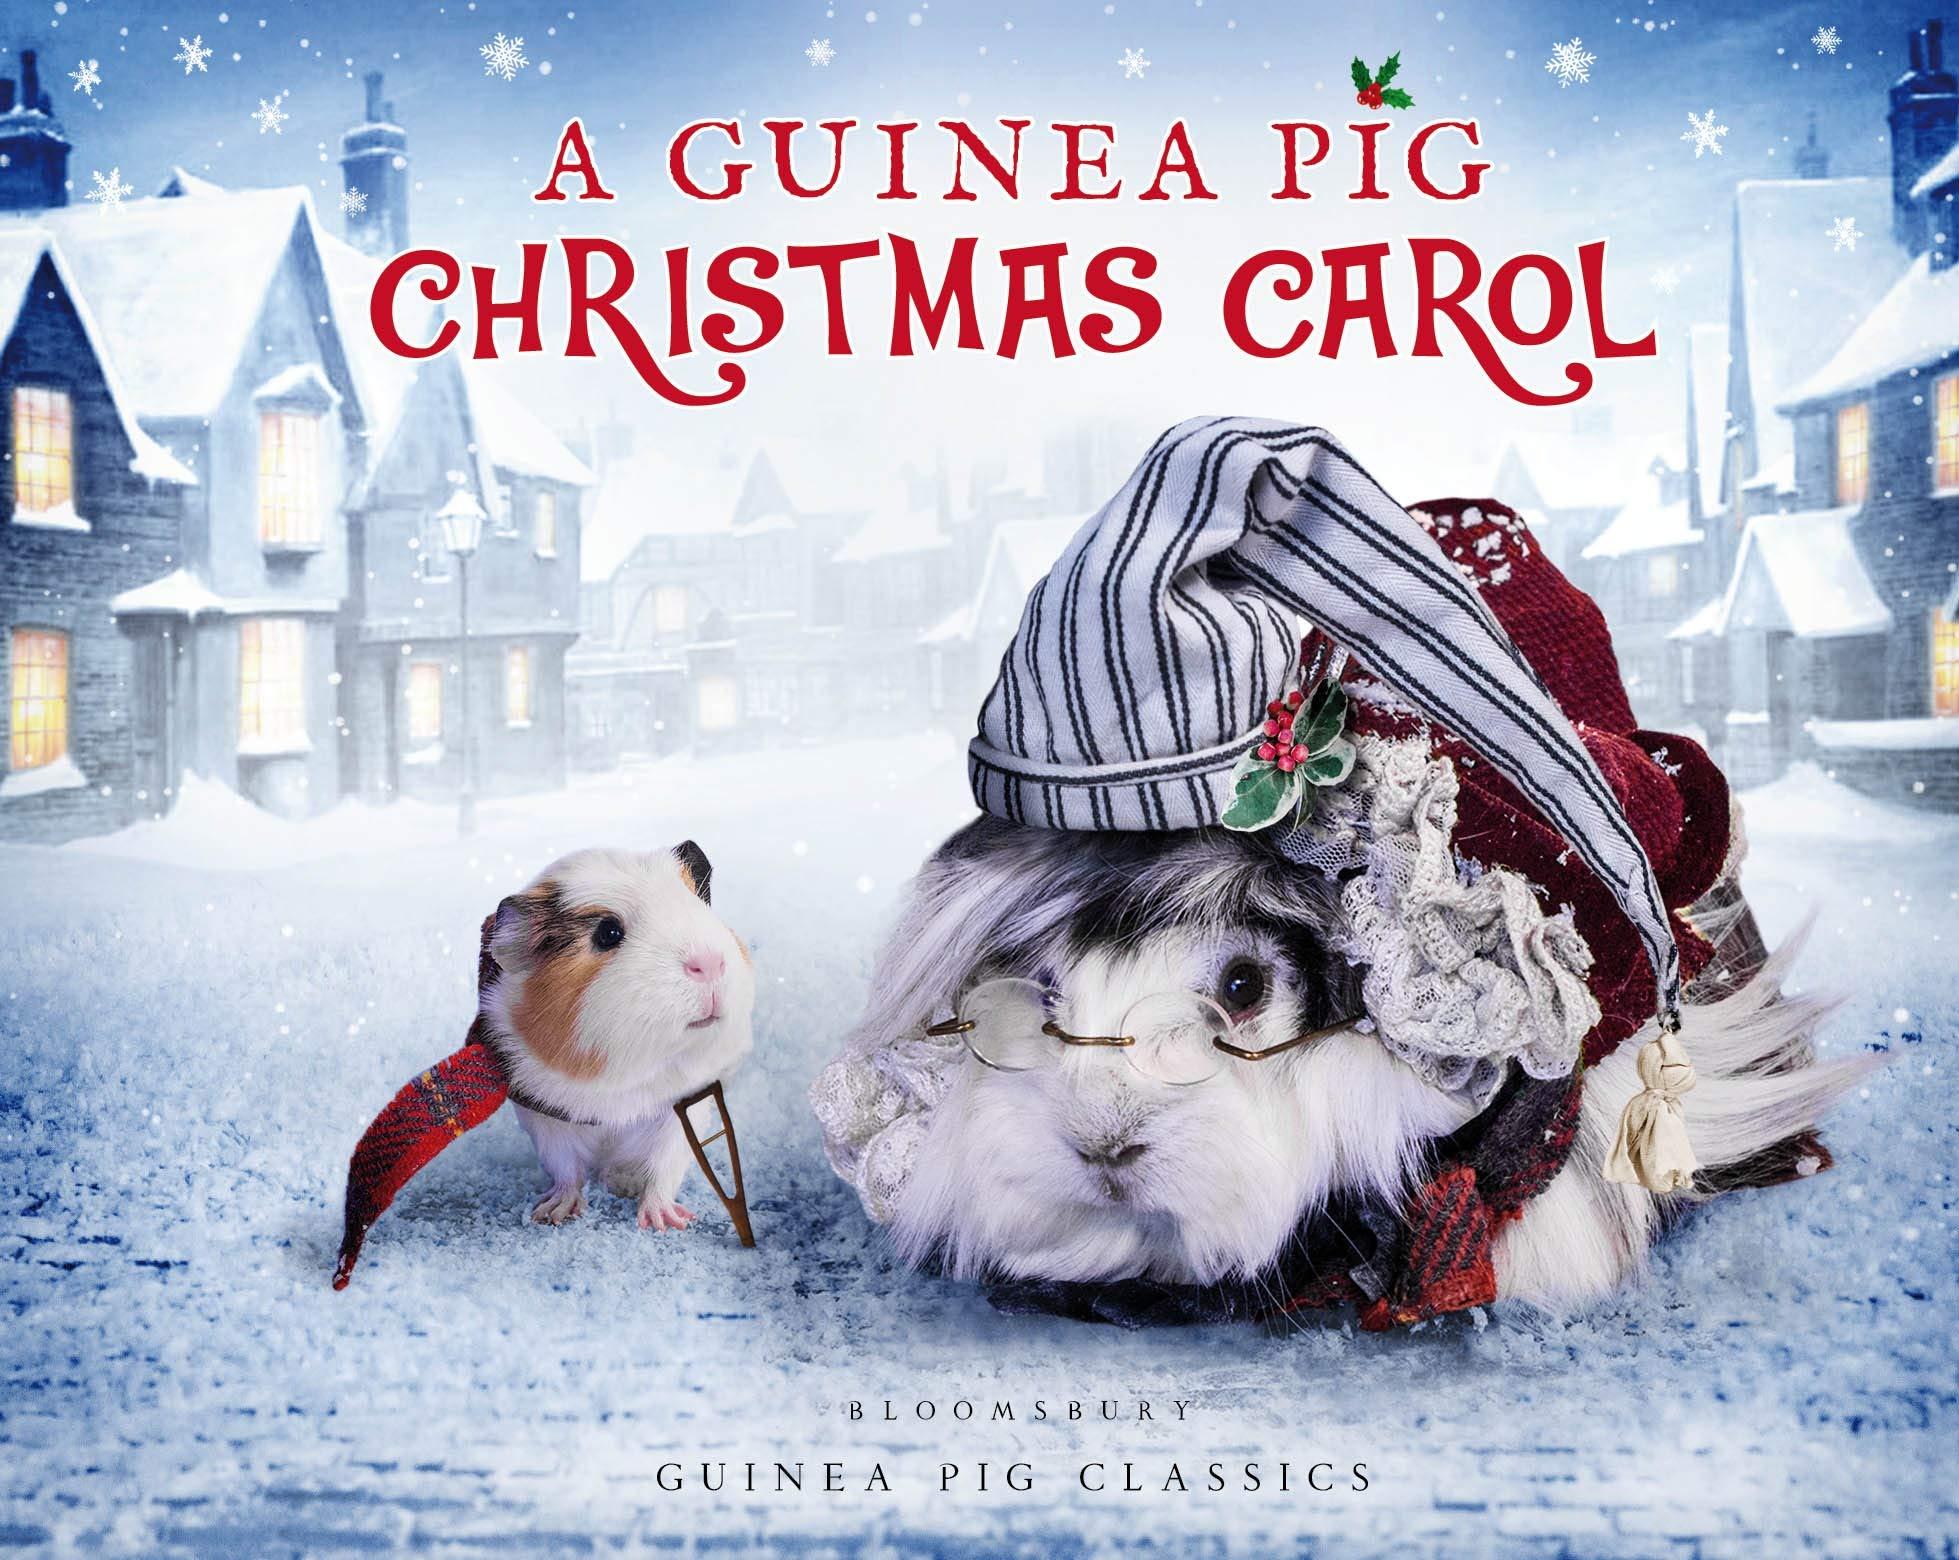 Christmas Carol.A Guinea Pig Christmas Carol Guinea Pig Classics Amazon